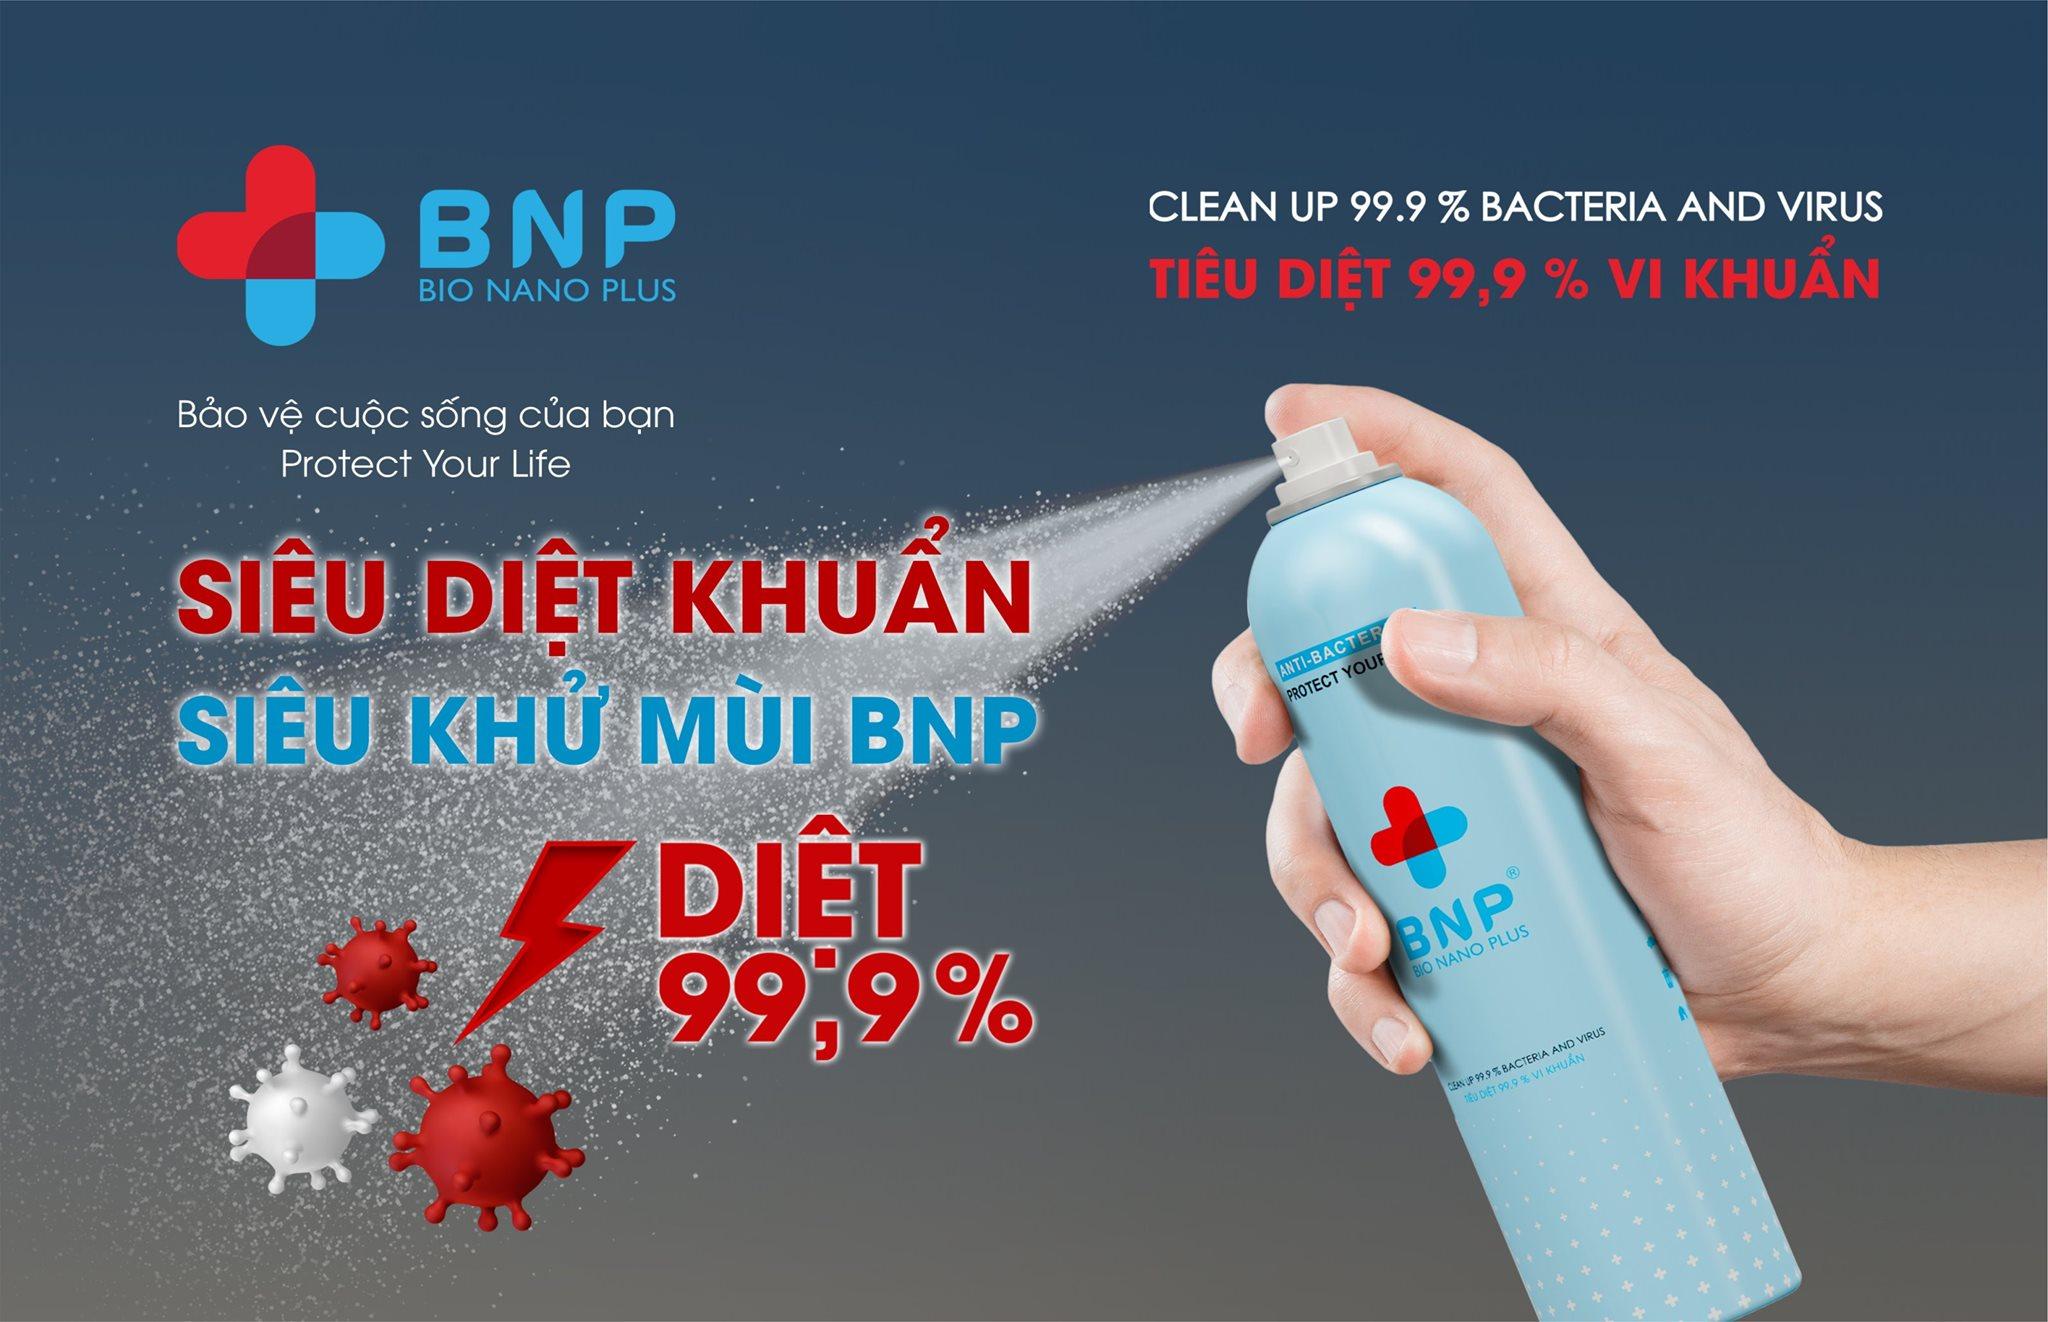 Dung dịch BNP khử mùi hiệu quả